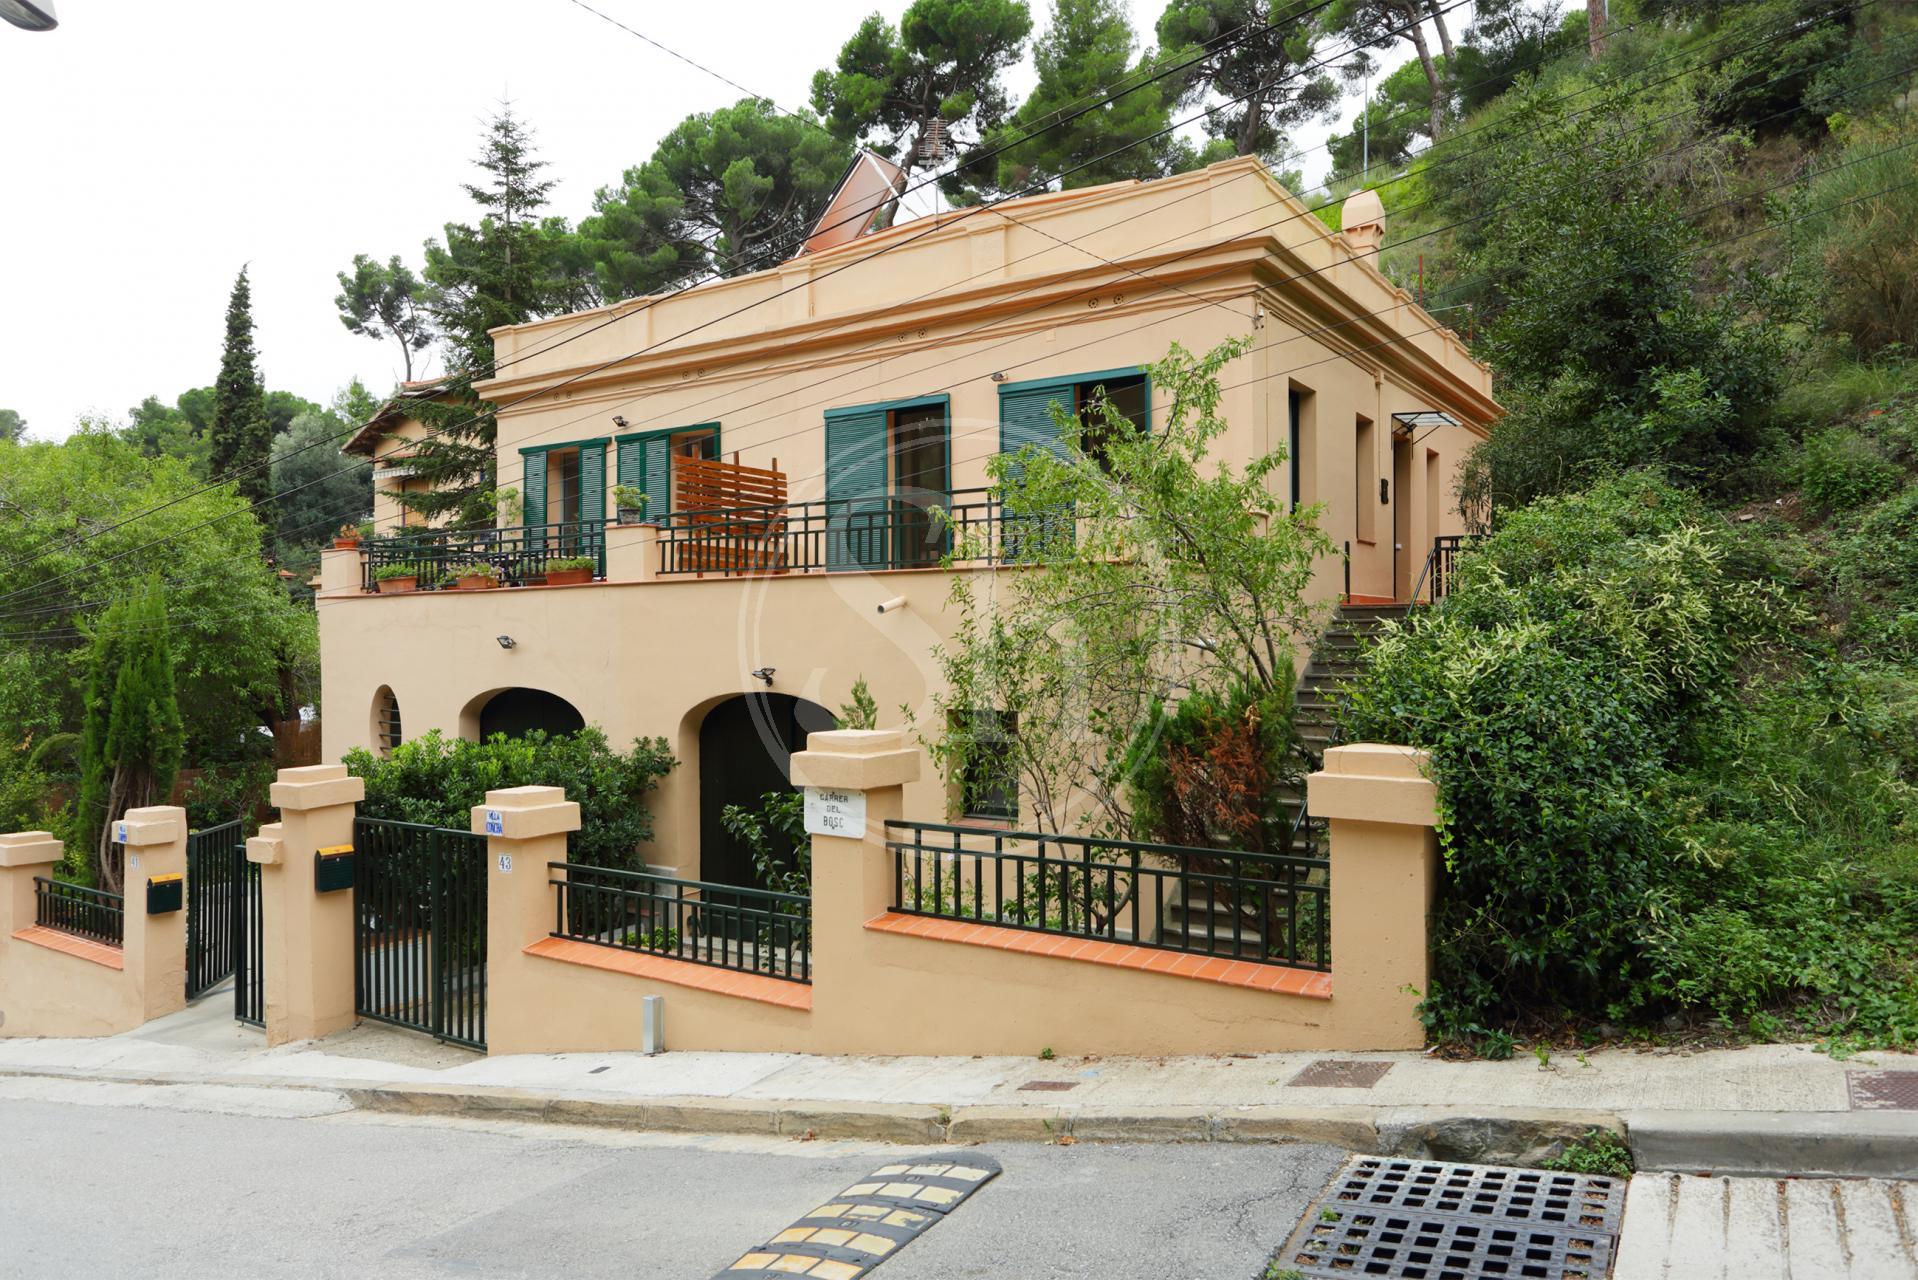 for Rent in Barcelona Bosc - Carretera De Les Aigües